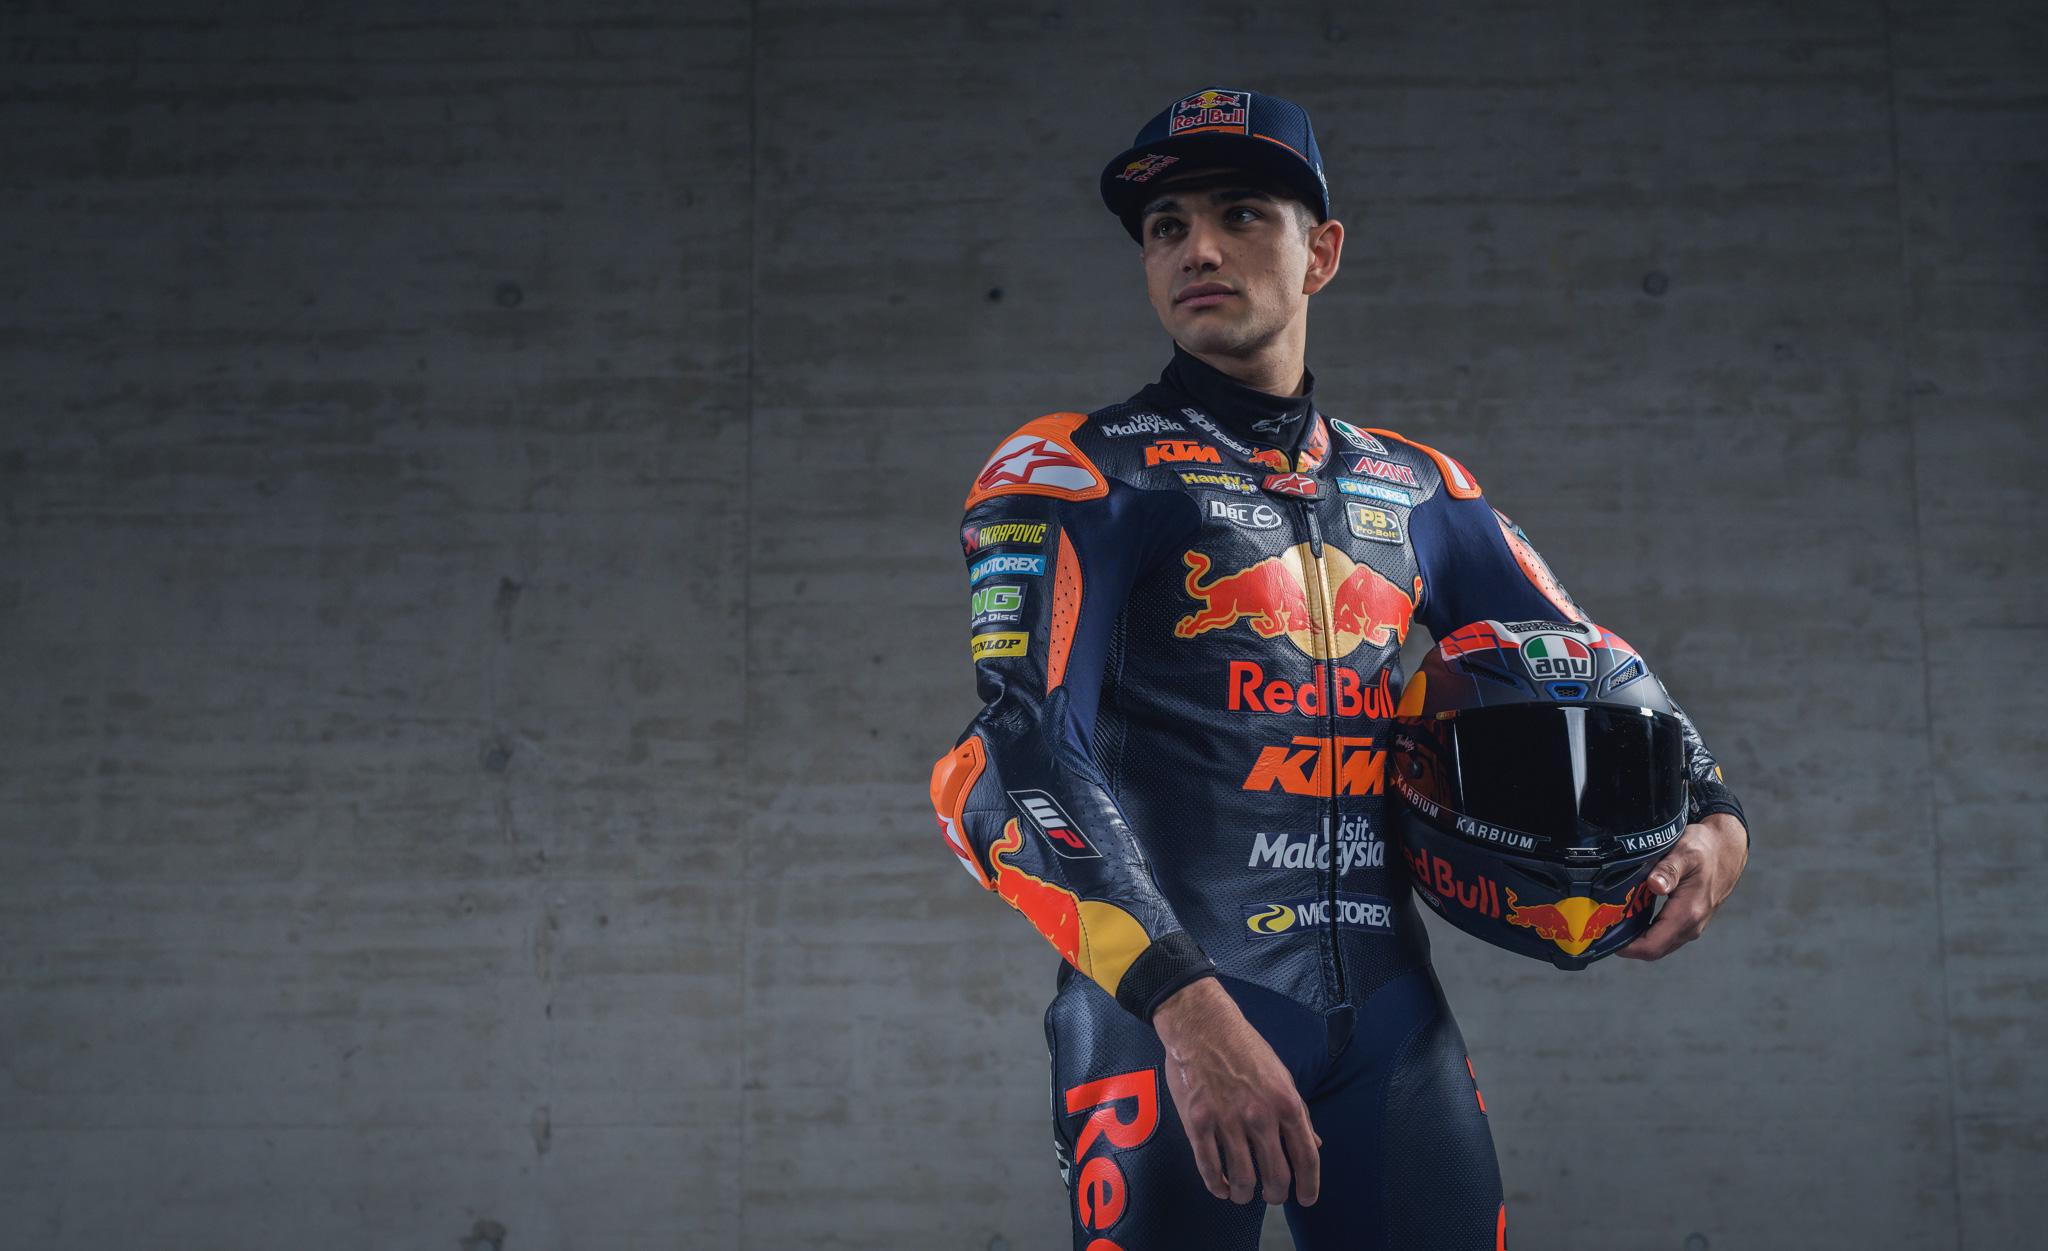 Moto2_88_Martin_Red_Bull_KTM_Ajo-1357.jpg